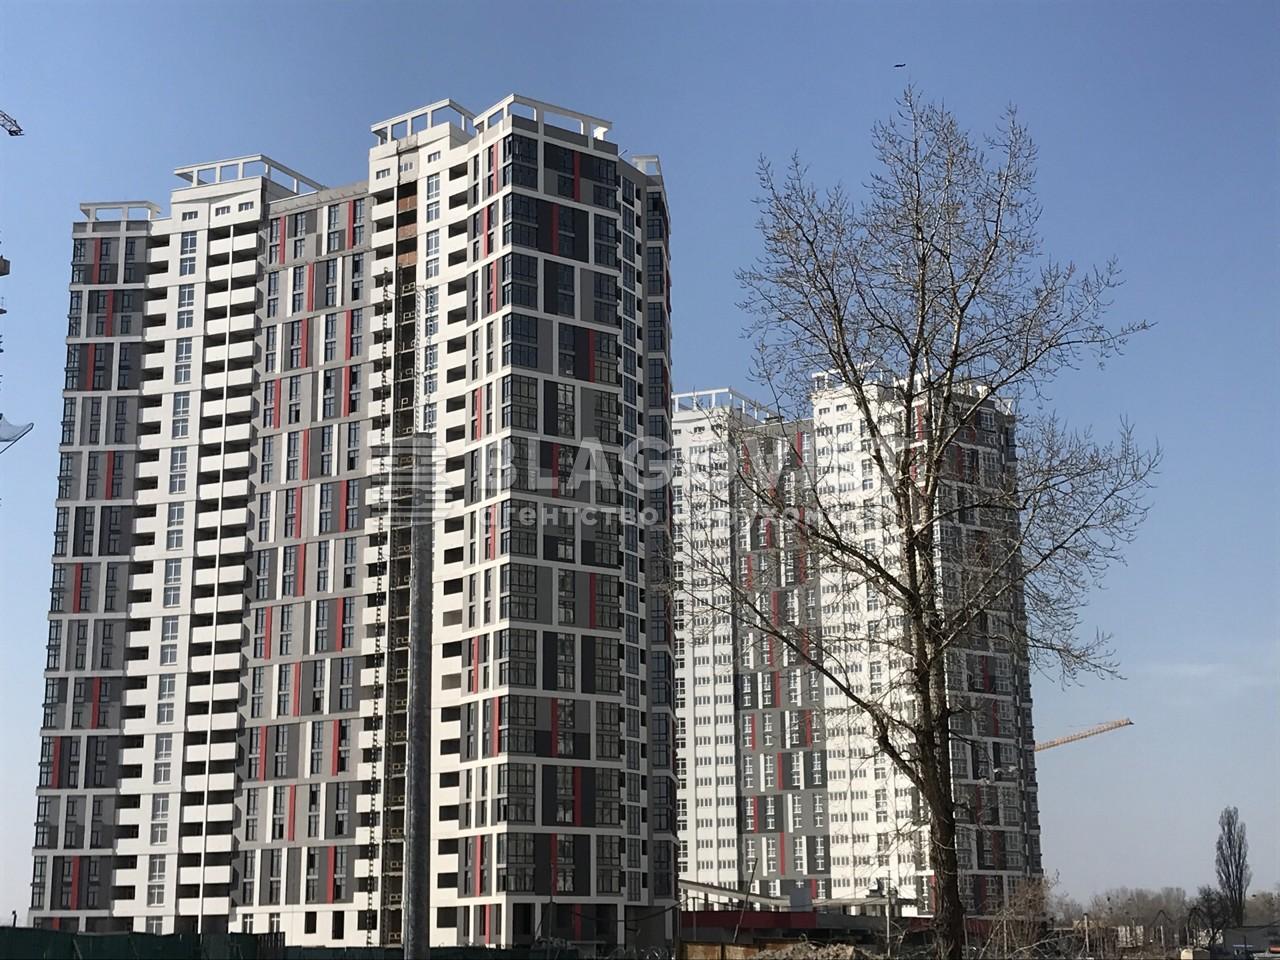 Квартира D-36036, Маланюка Євгена (Сагайдака Степана), 101 корпус 30, Київ - Фото 2